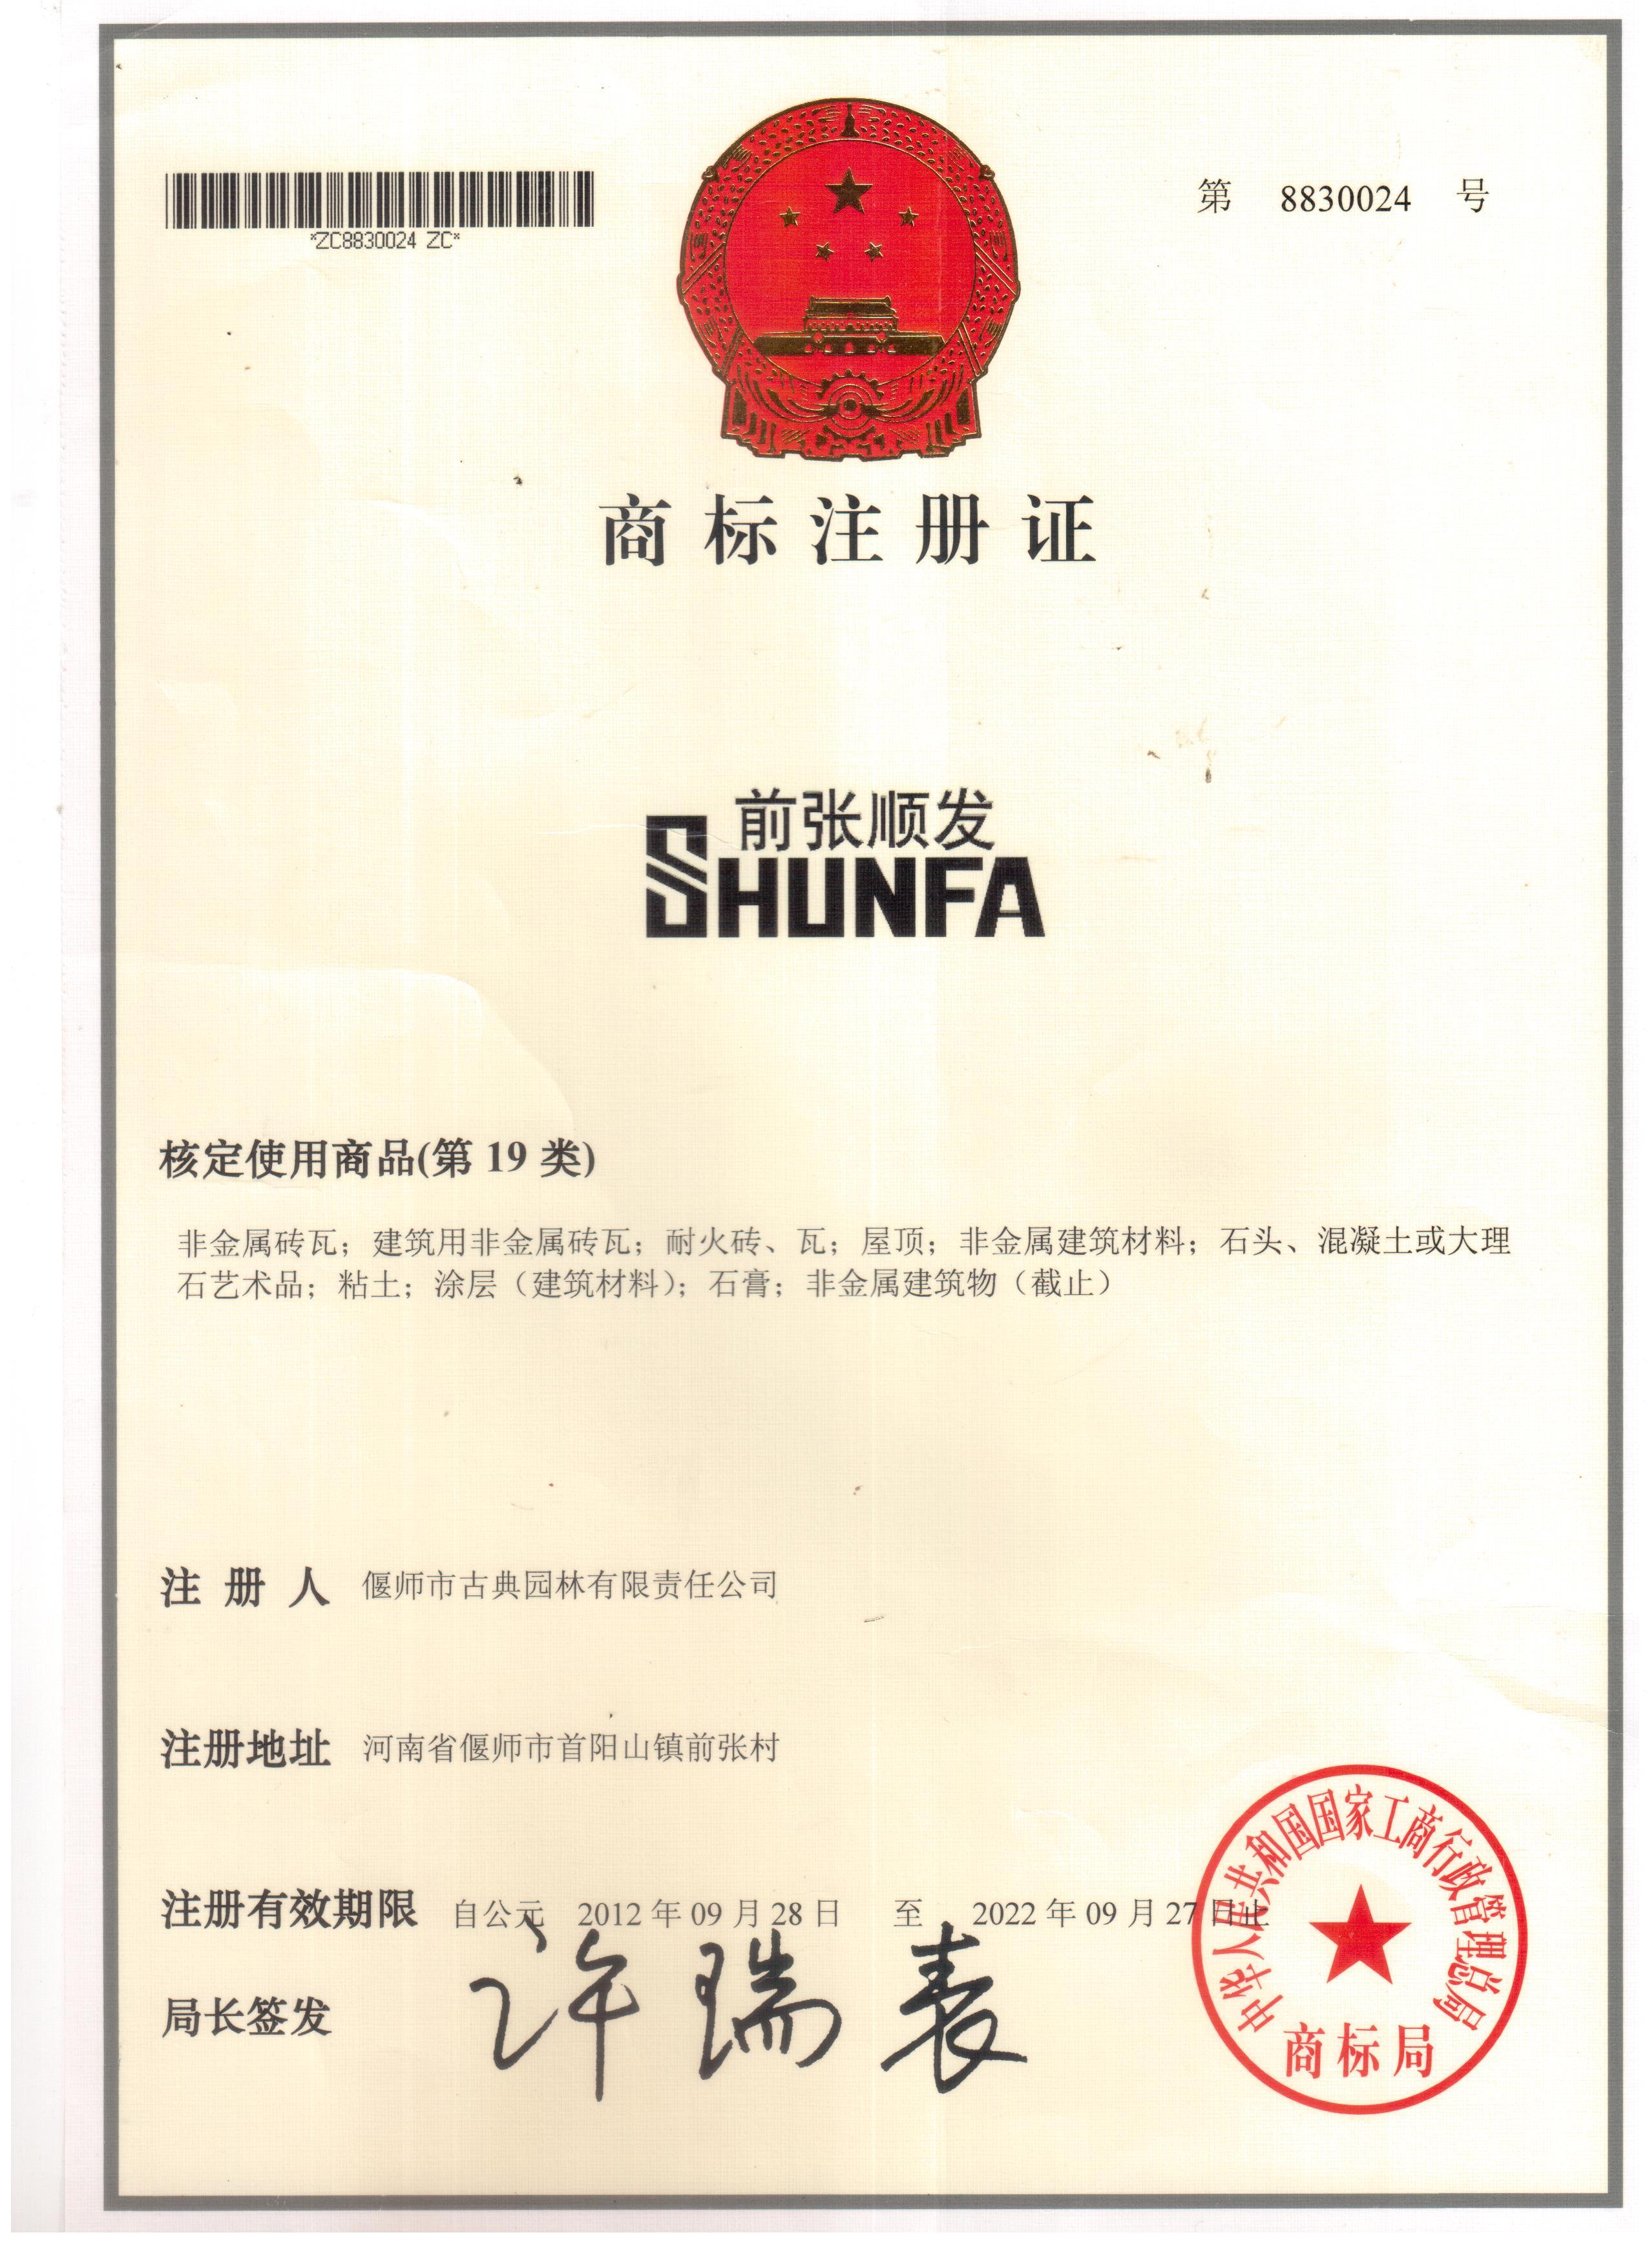 前张顺发琉璃瓦-bobapp-耐火砖注册认证